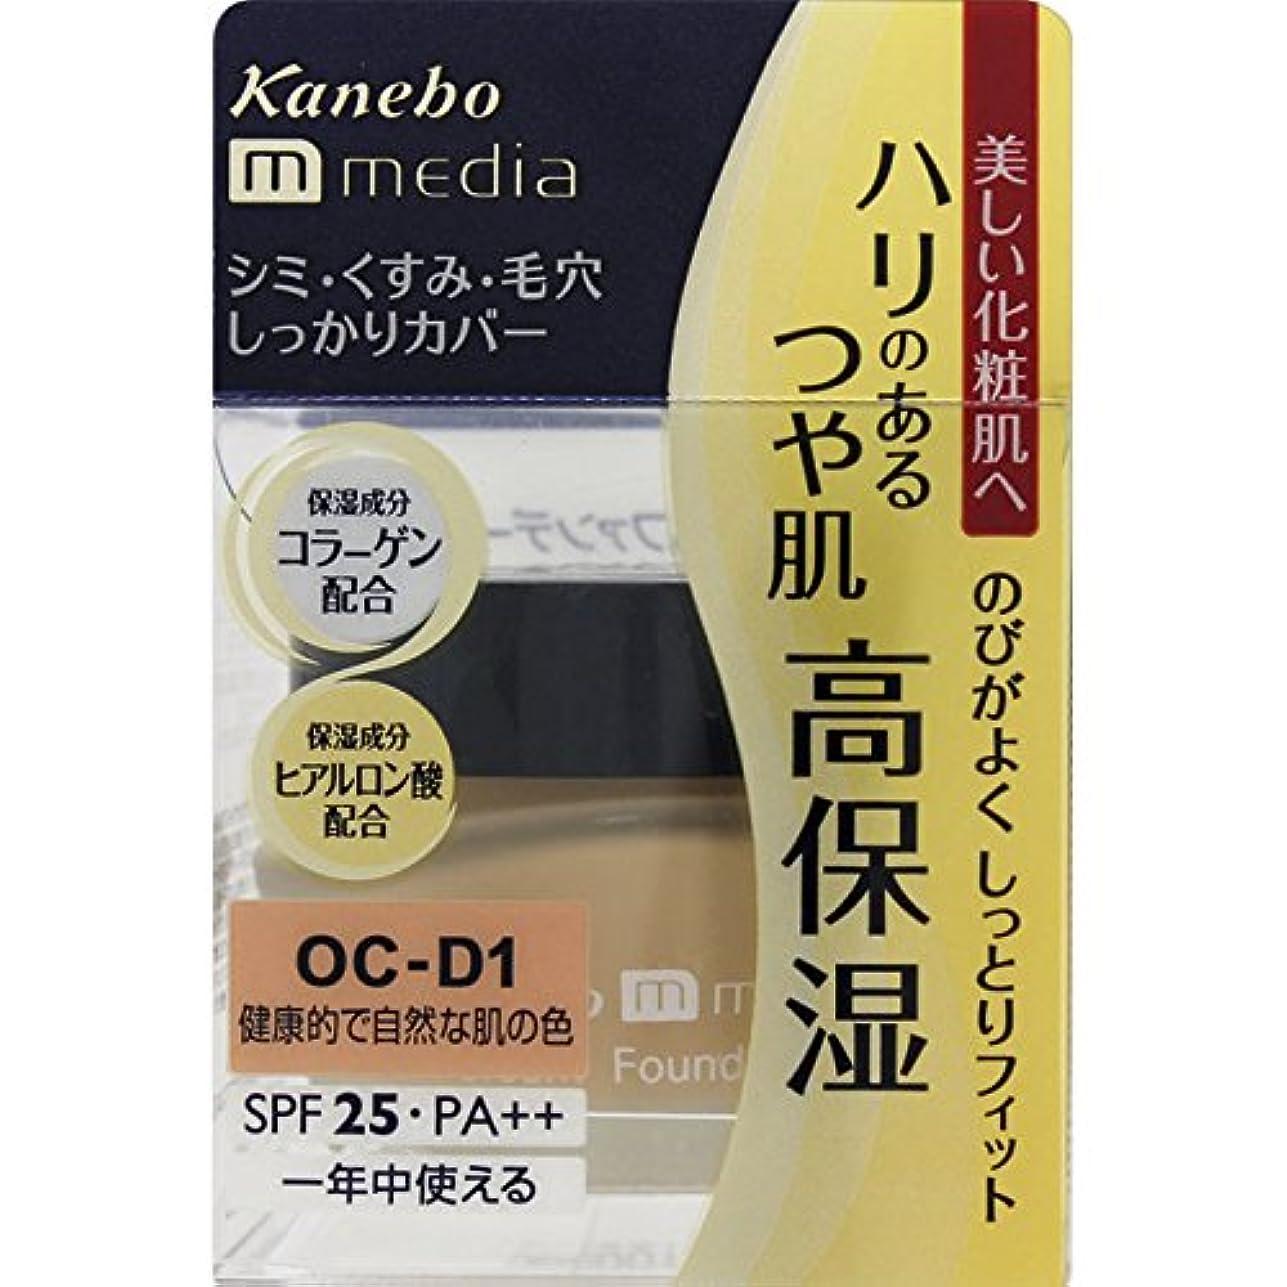 死んでいる成功した祖母カネボウ化粧品 メディア クリームファンデーション 健康的で自然な肌の色 OC-D1